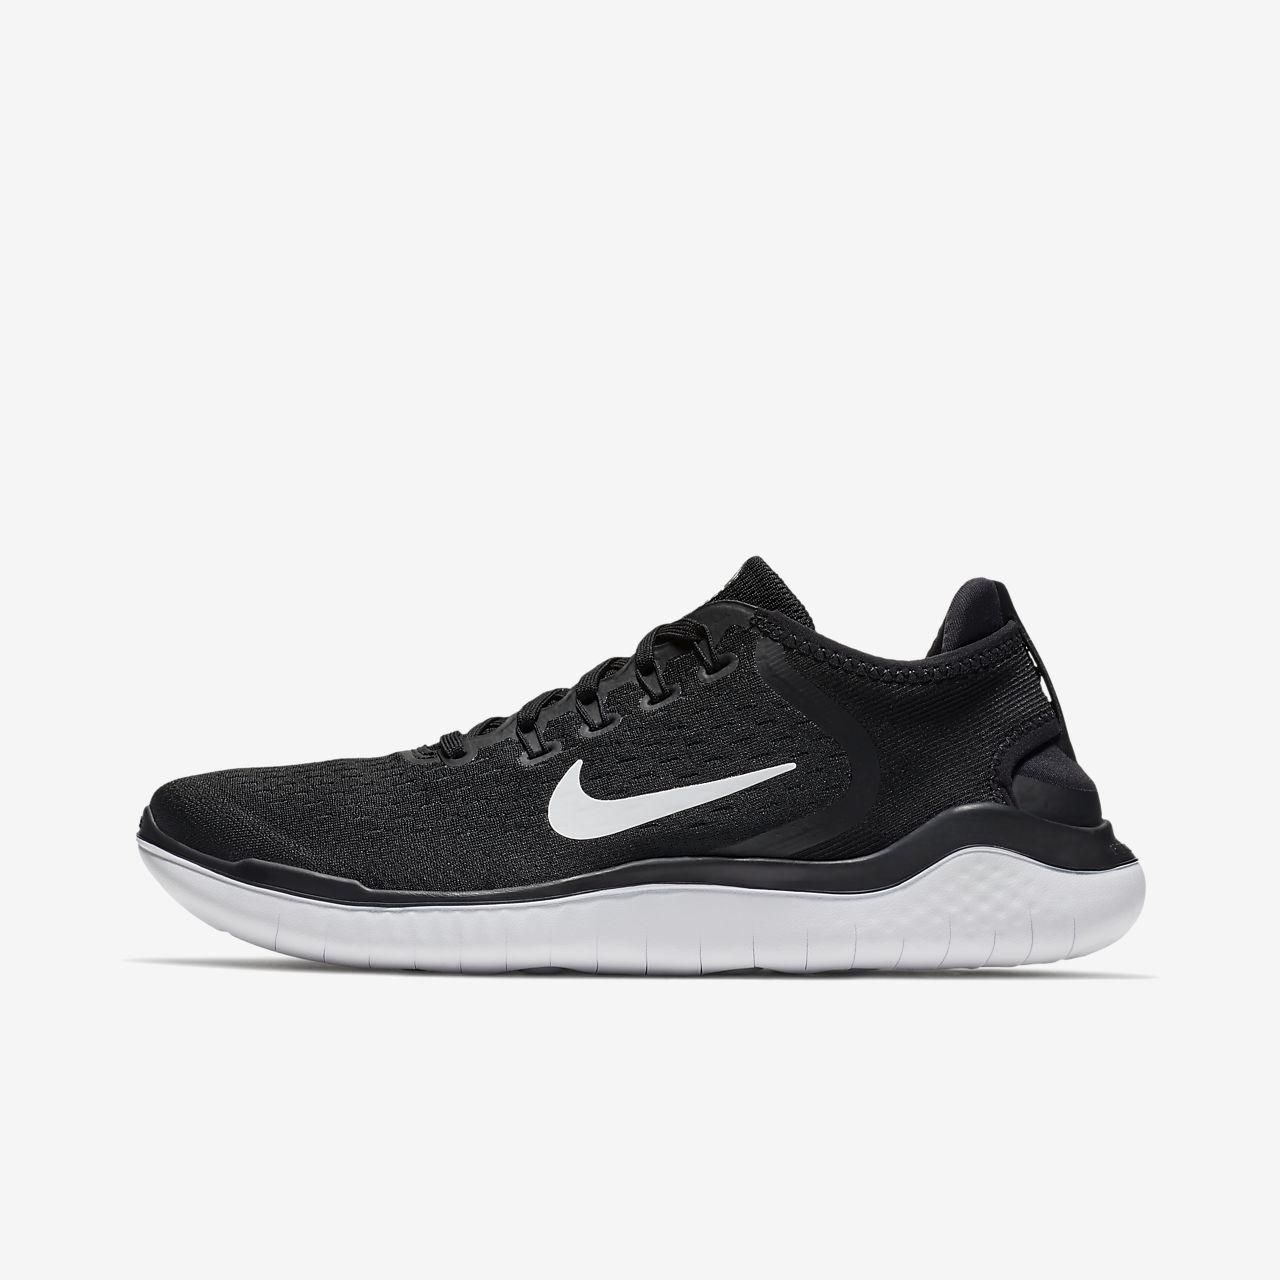 Nike Herren Laufschuh Flex Run 2018